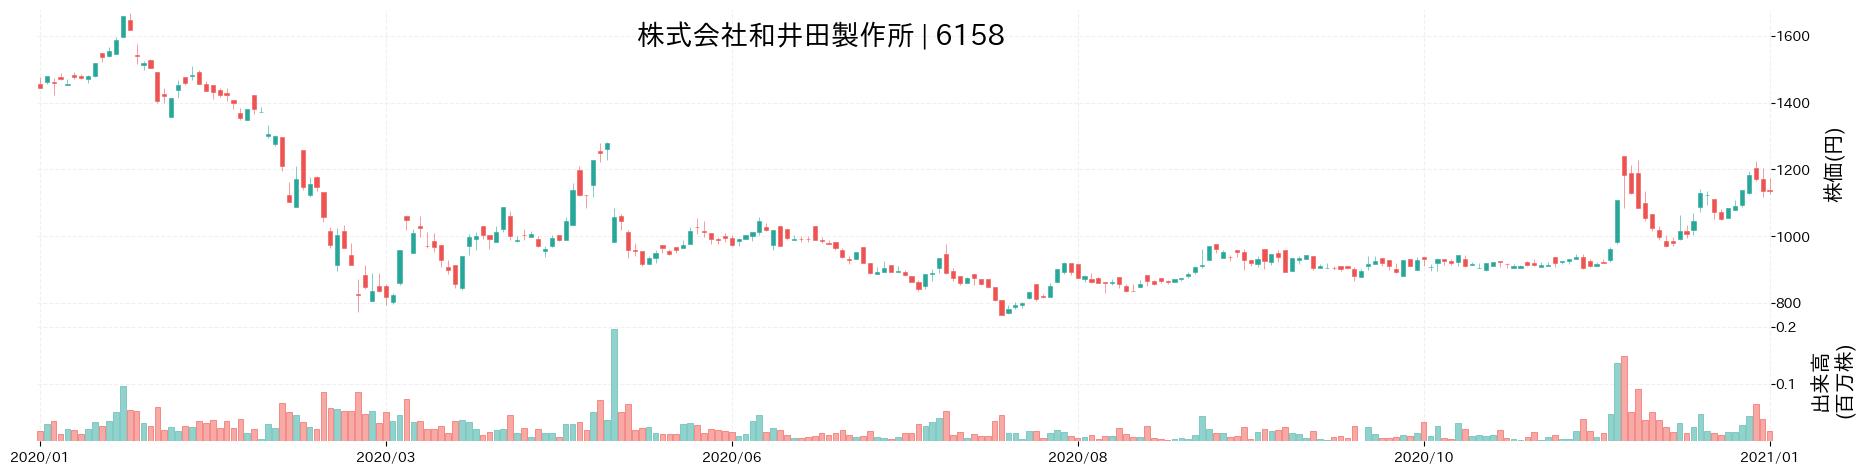 株式会社和井田製作所の株価推移(2020)